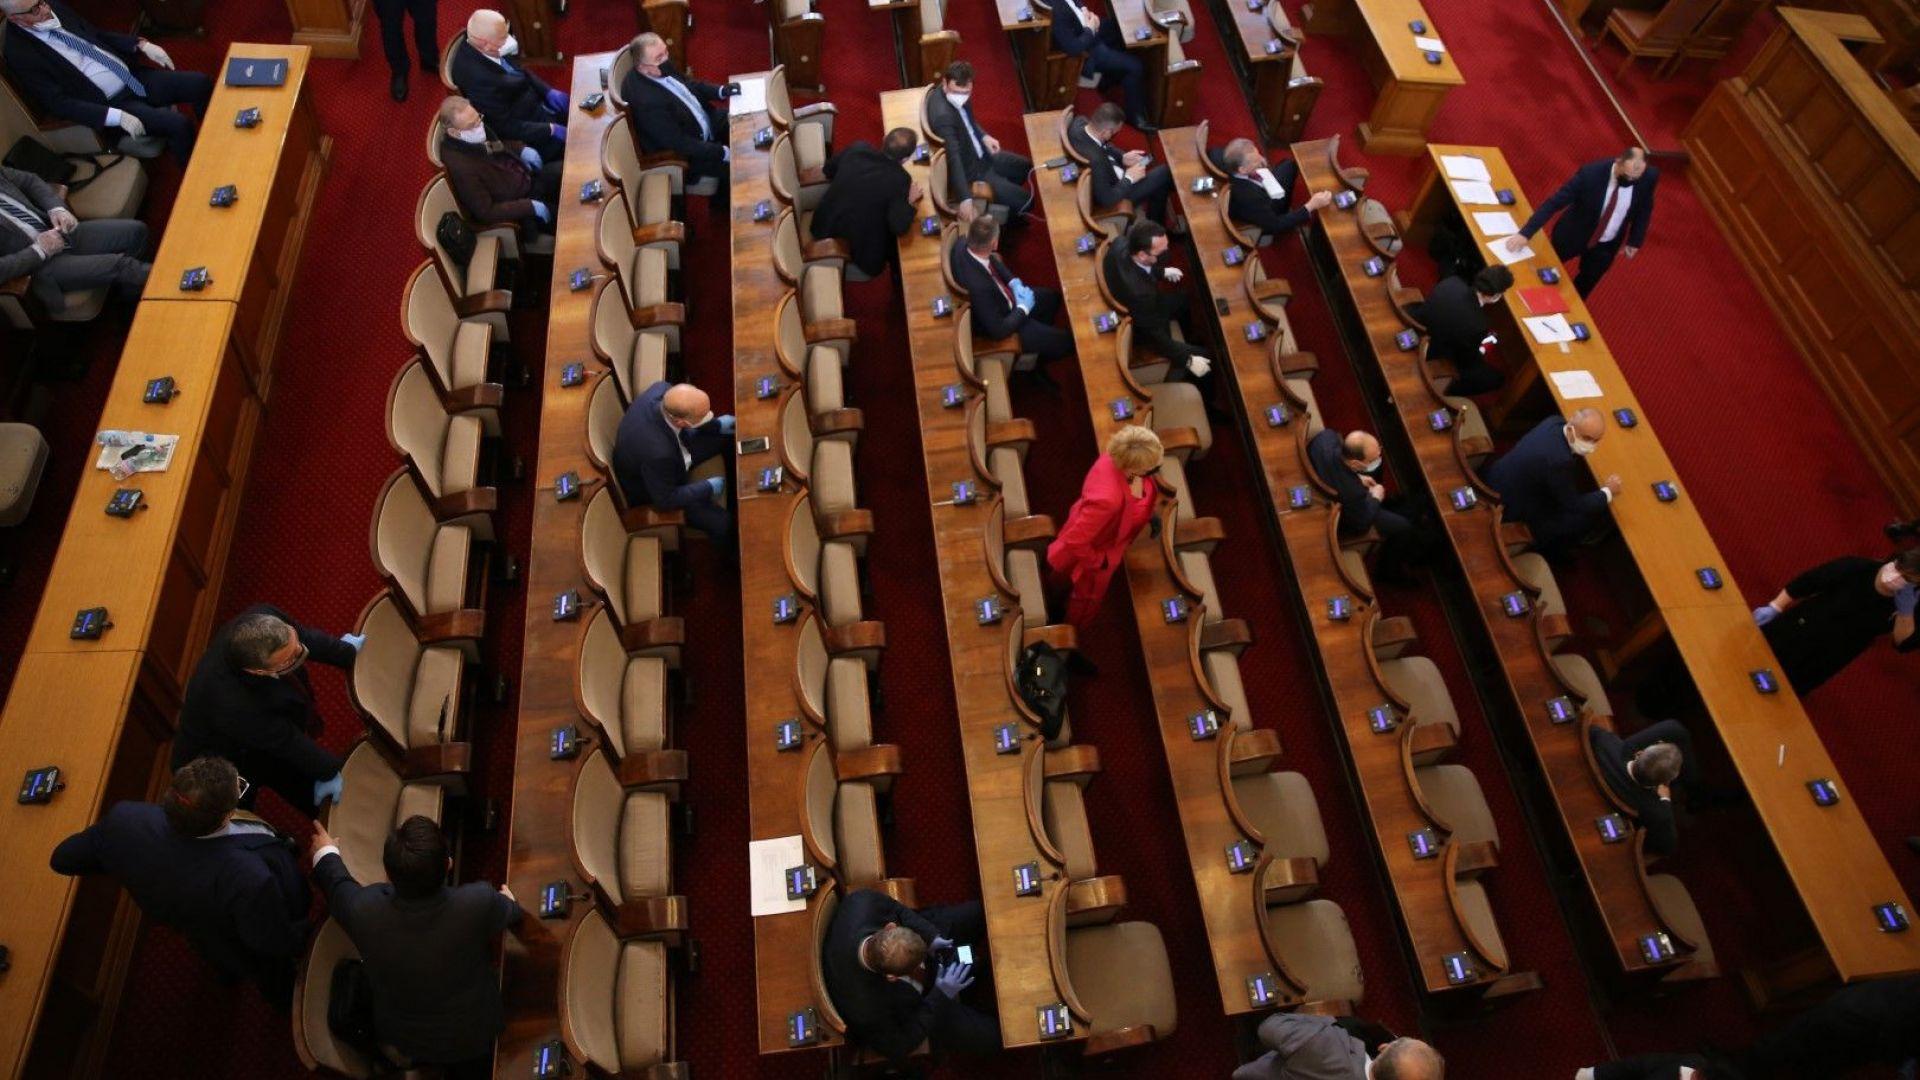 Сова Харис: Следващият парламент ще бъде доста раздробен, ако Божков иска да прави партия да се върне в България